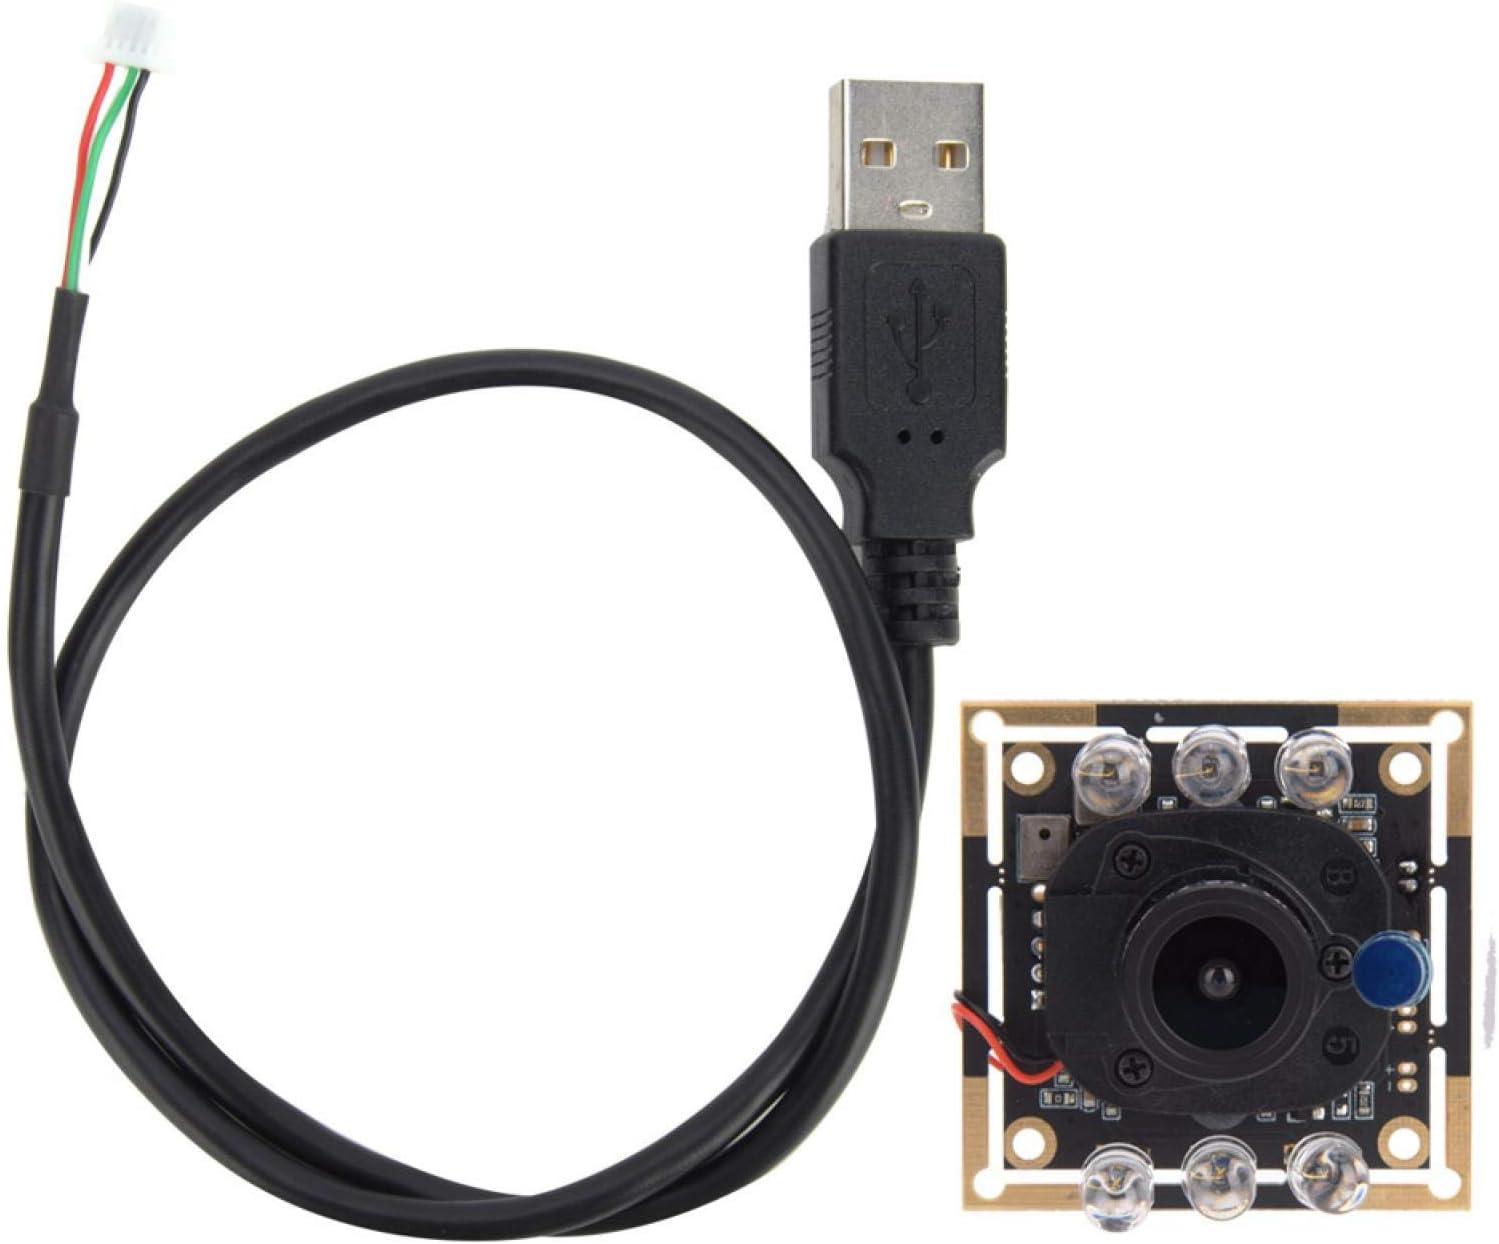 BWLZSP Módulo de cámara de 1 Pieza, módulo de cámara con Cable USB HD Ov2710 Chip IR-Cut Conmutación automática 1920x1080 30 fps 94 ° para Equipos mecánicos, máquinas expendedoras, etc.